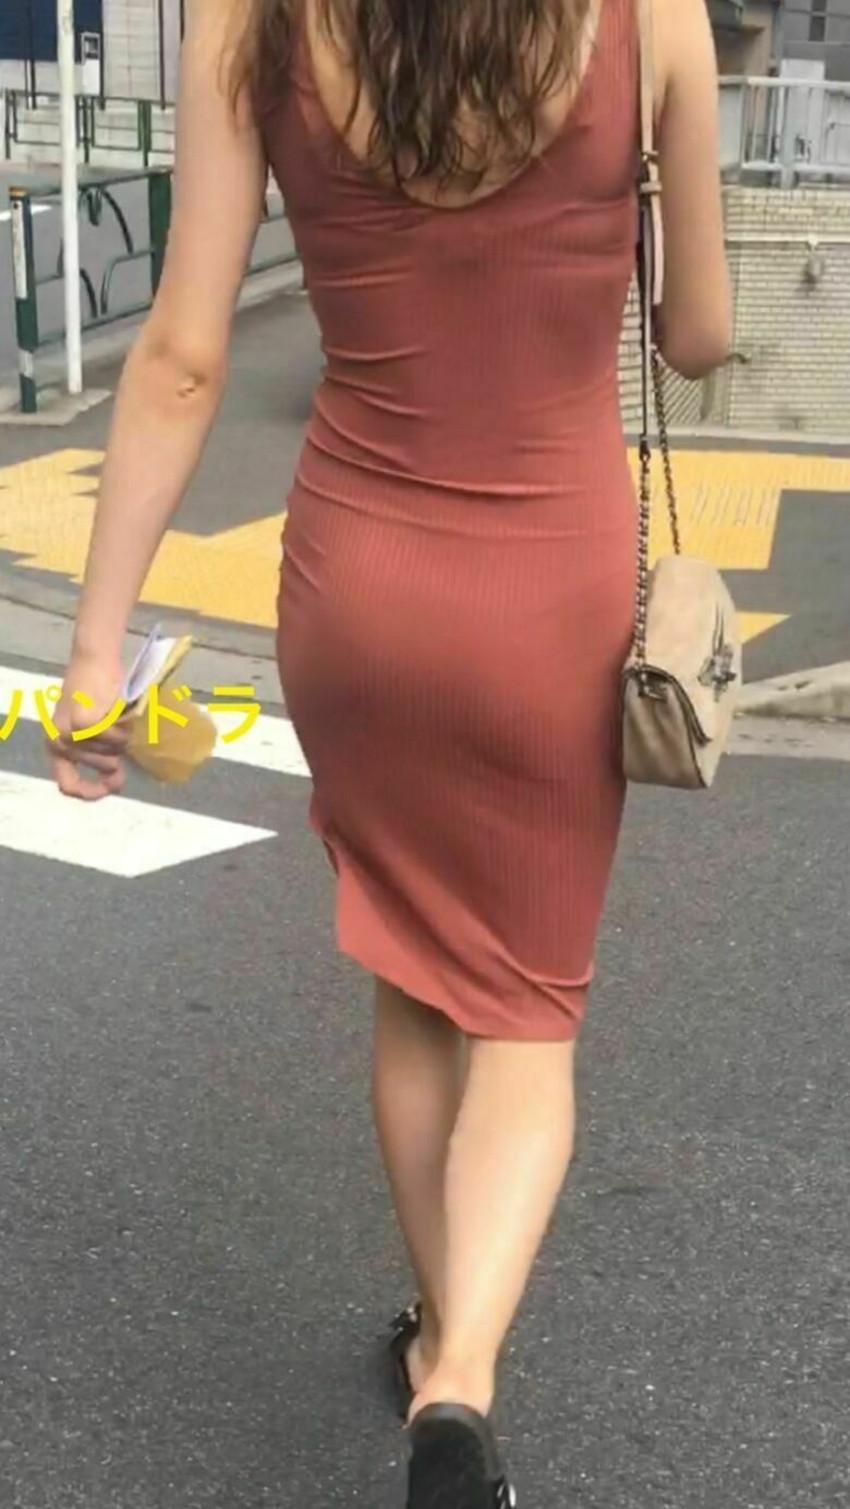 【パン線エロ画像】街中で素人女子のパン線探しちゃう男子必見!素人娘のタイトスカートやスキニーパンツからパンティーラインが丸見えのパン線エロ画像集ww【80枚】 41